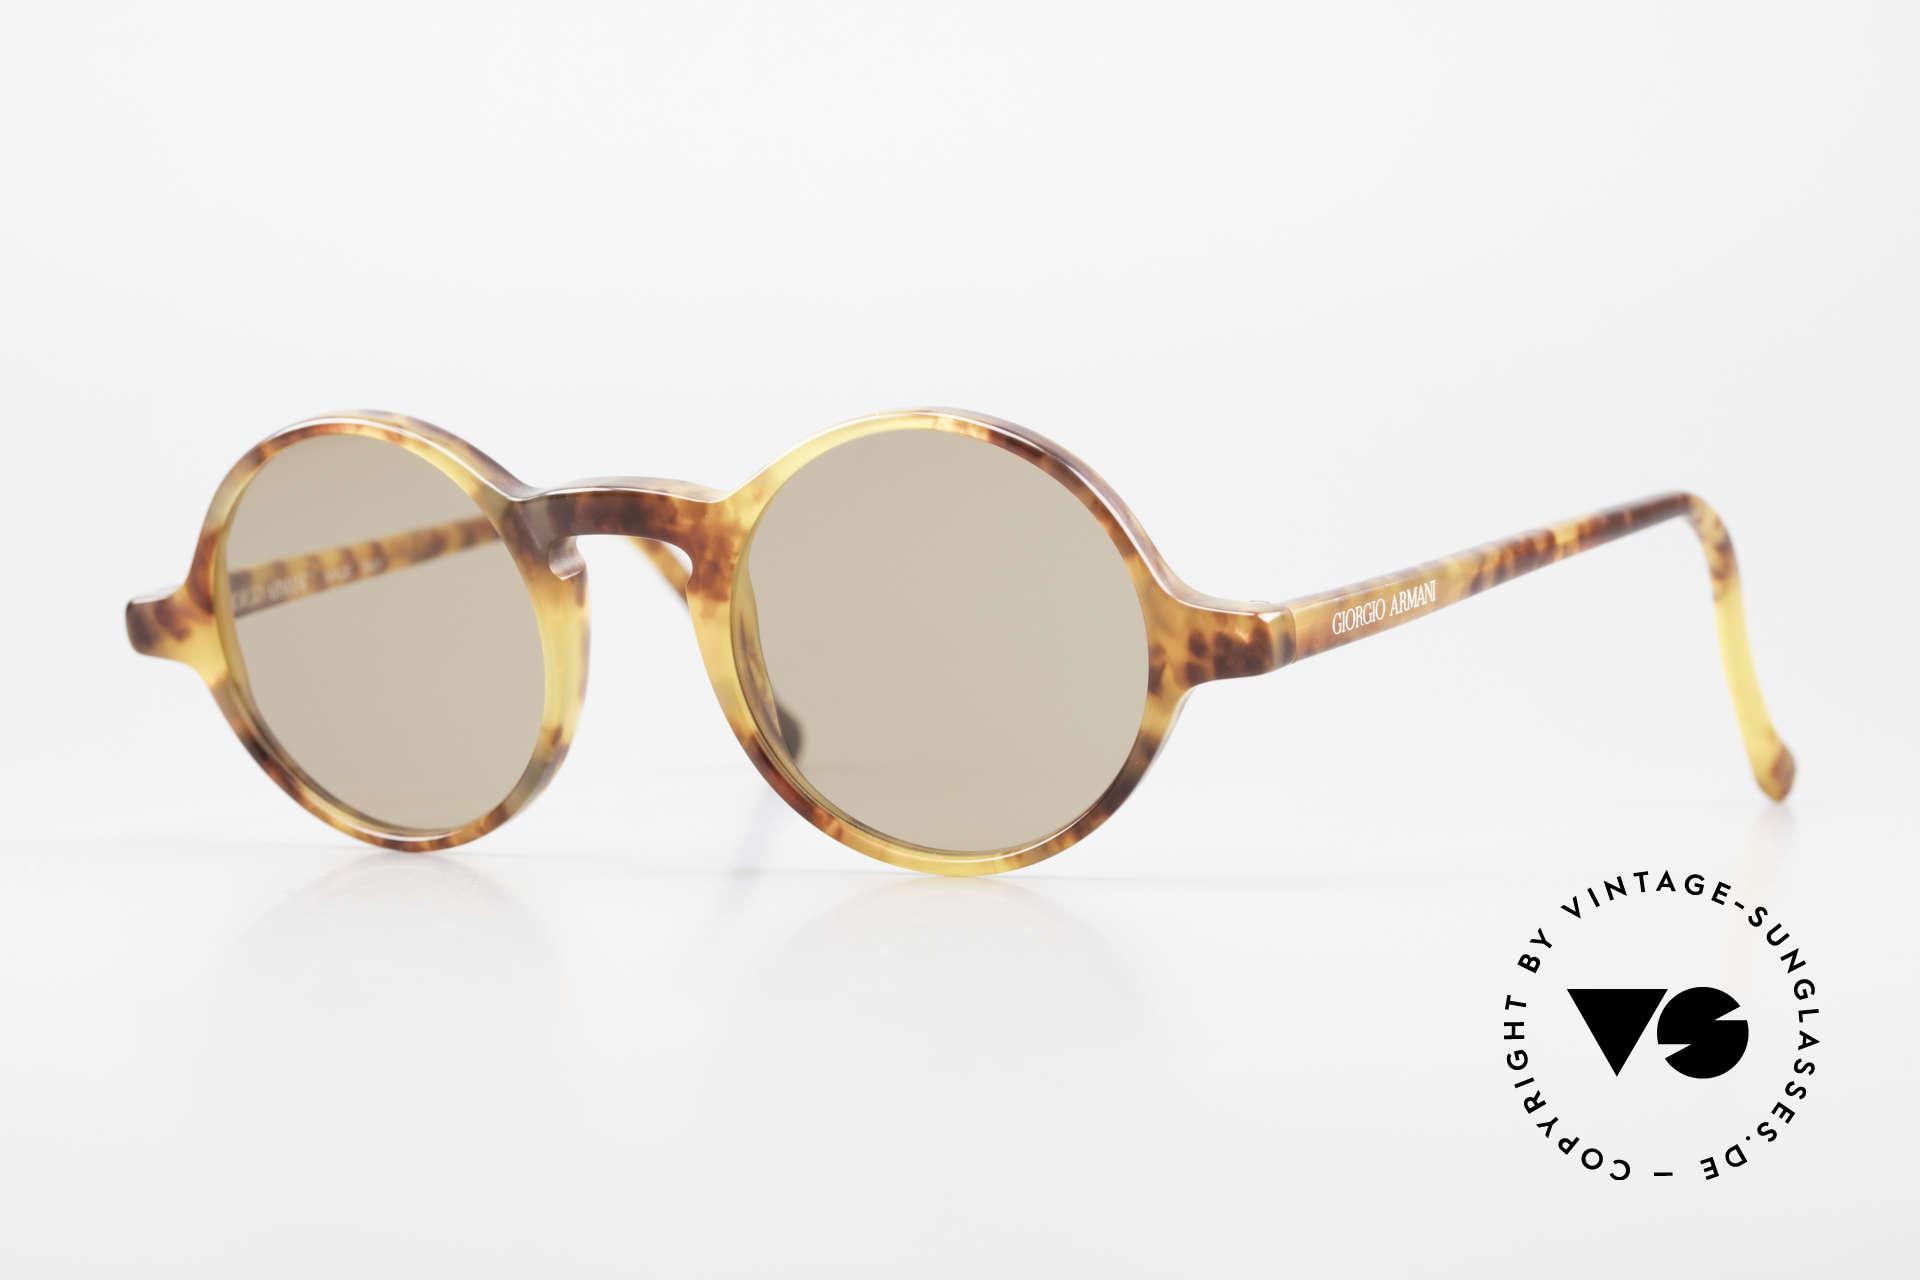 Giorgio Armani 324 Round 90's Designer Sunglasses, timeless vintage Giorgio Armani designer sunglasses, Made for Men